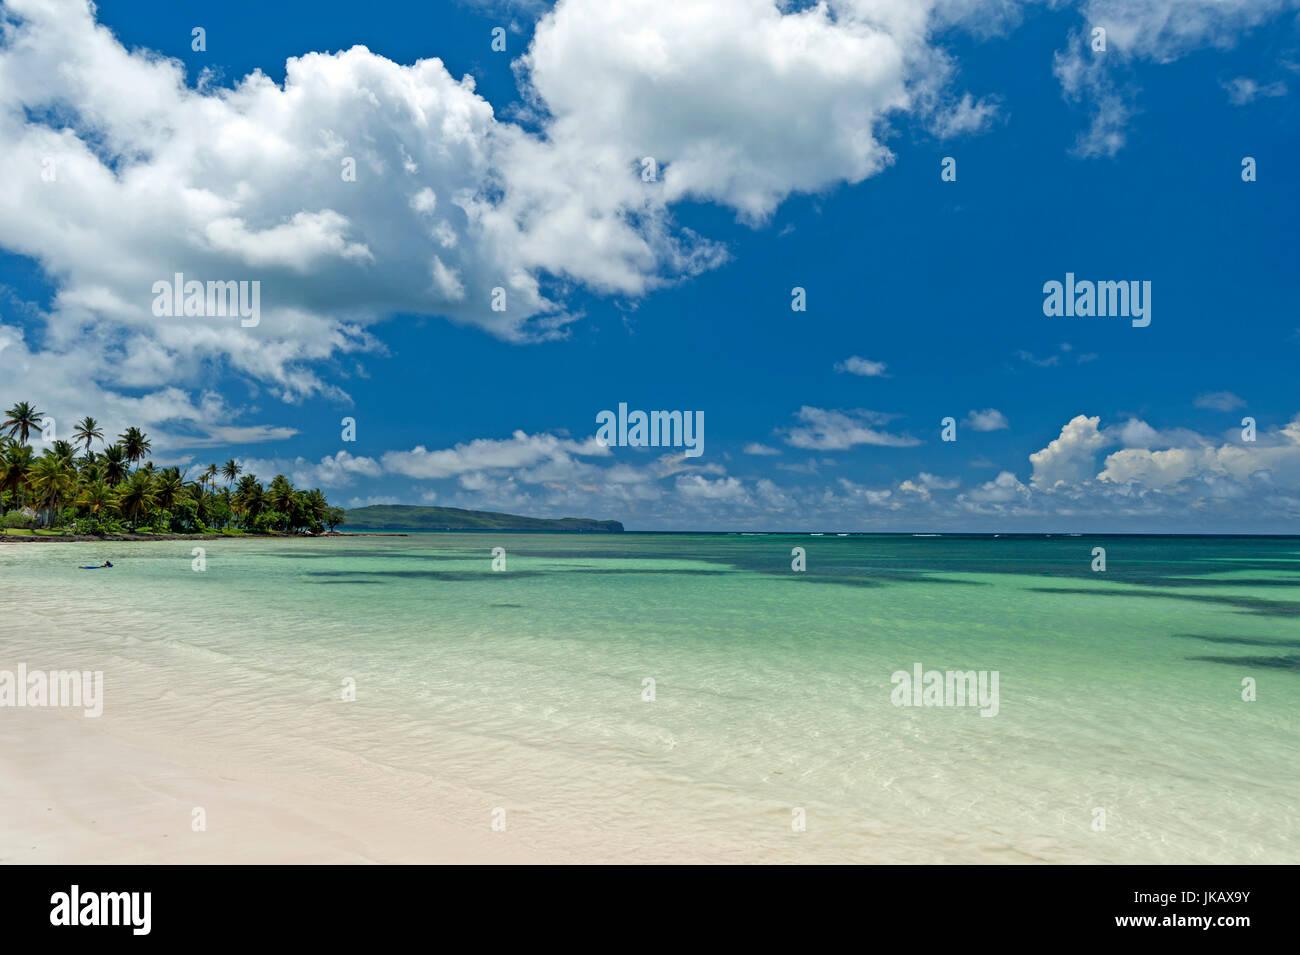 Una spiaggia da sogno sulla penisola di Samana, Repubblica Dominicana.con l'azzurro del cielo. Immagini Stock